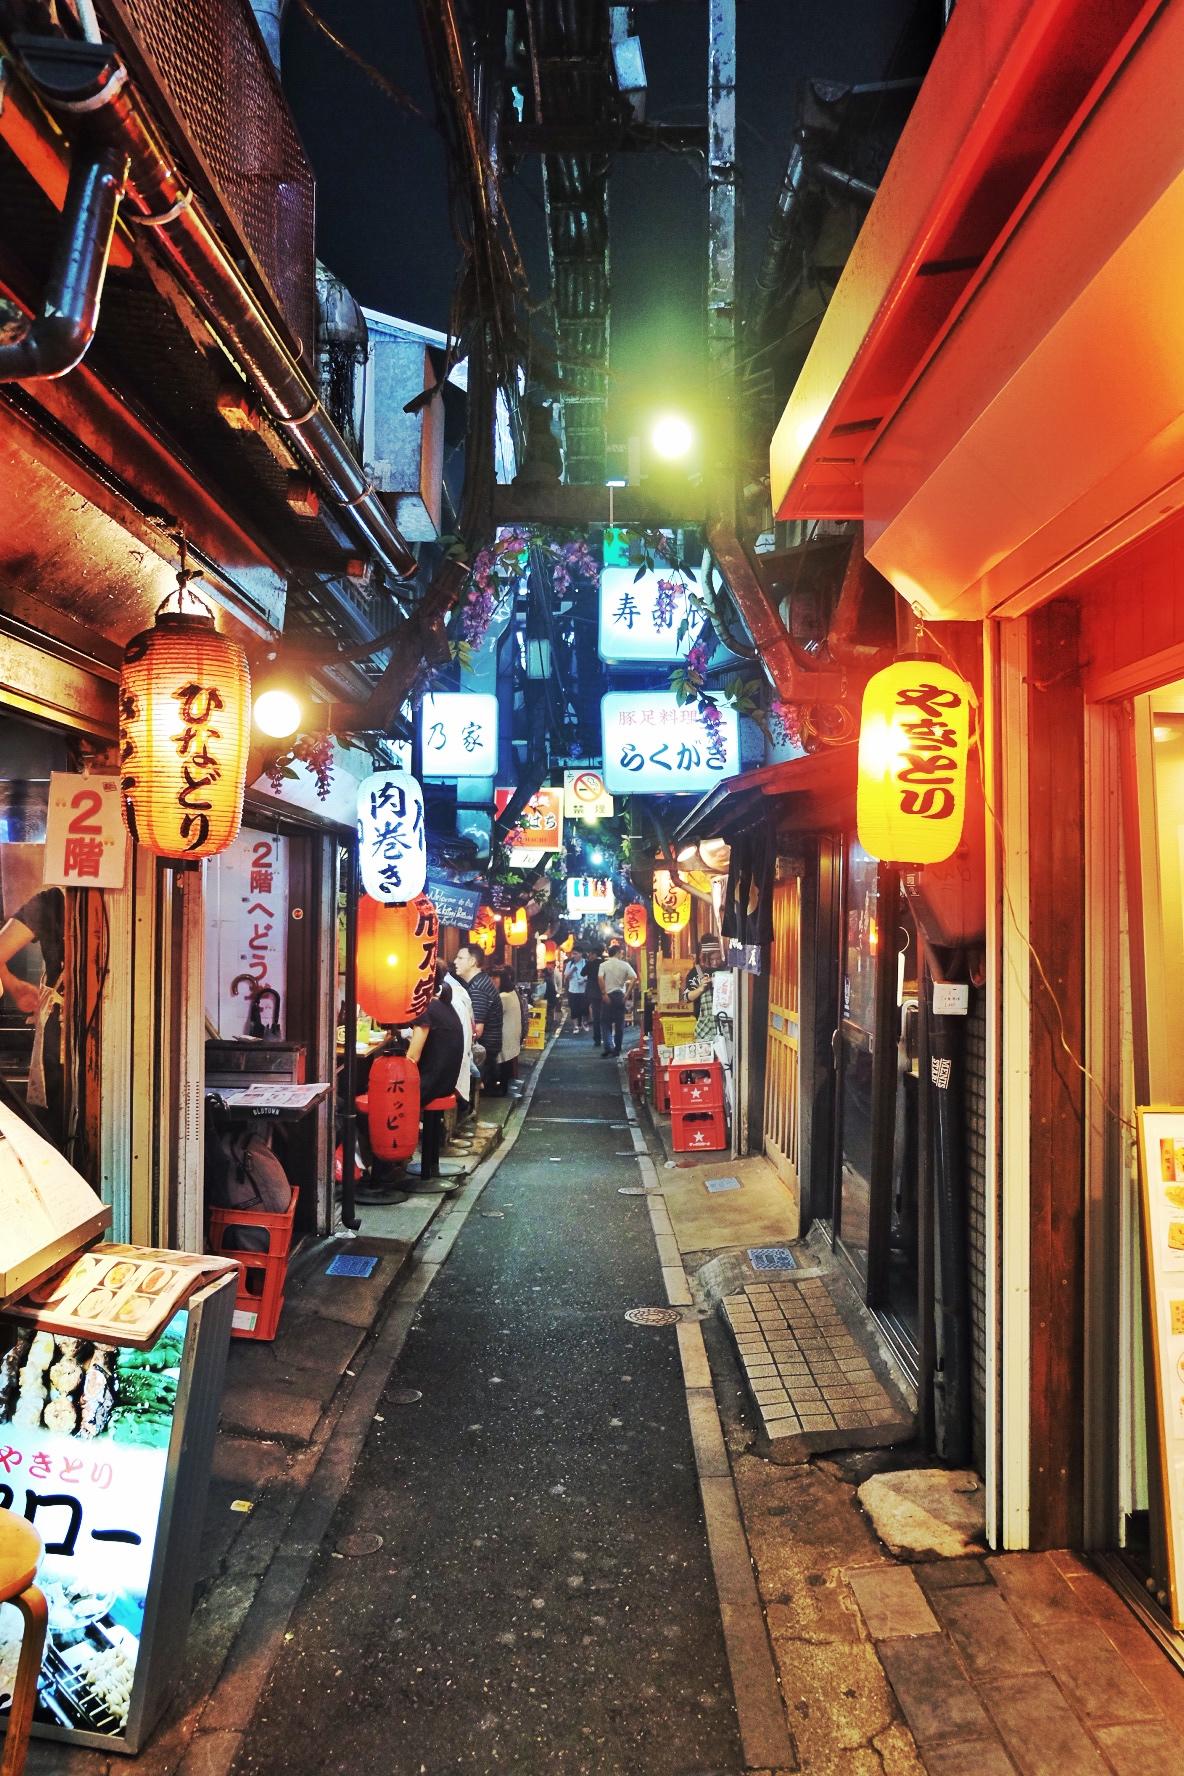 Piss Alley in Shinjinku